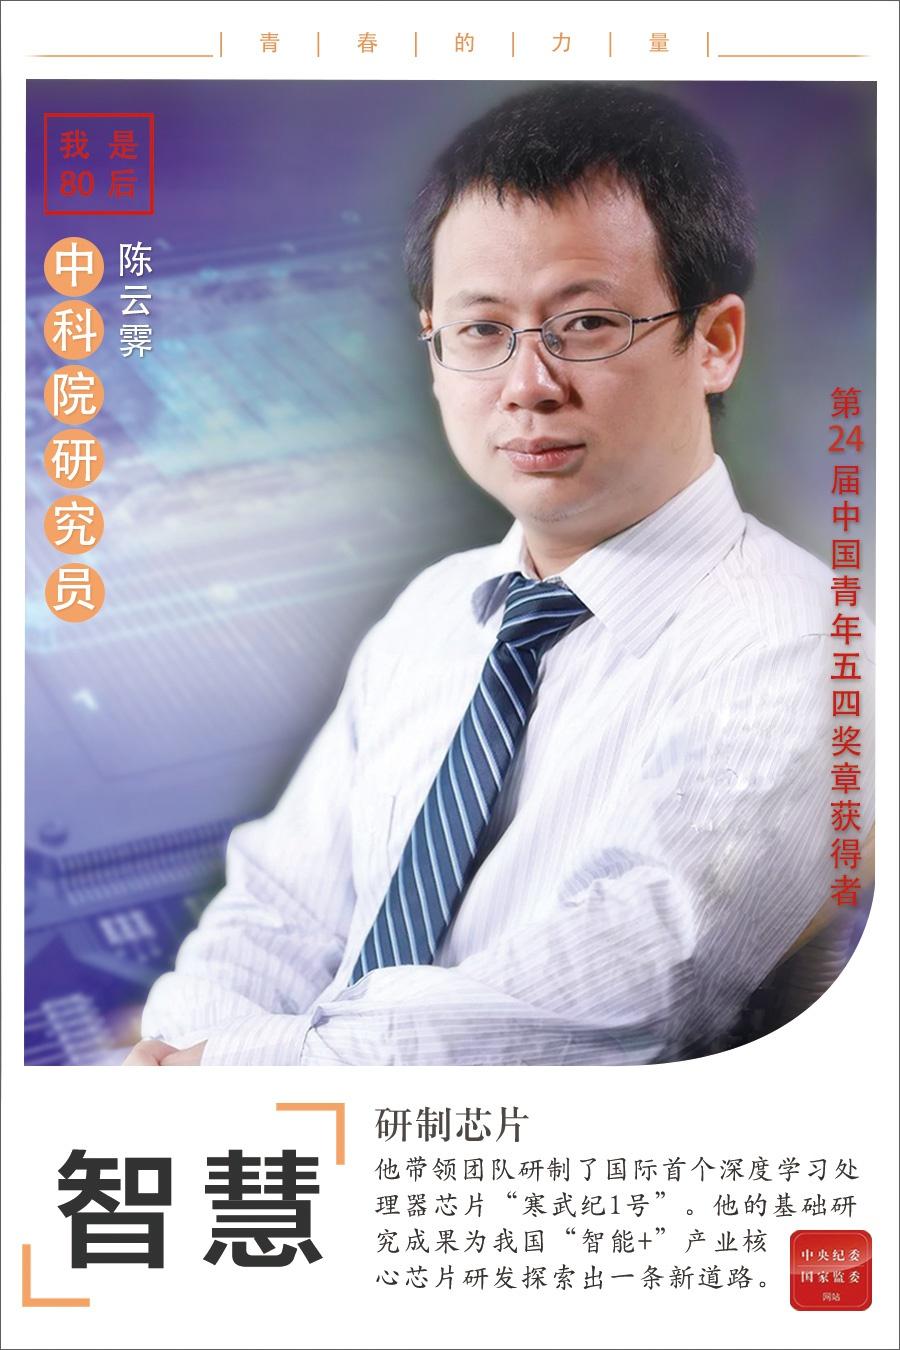 报|智慧篇高德注册809000…,高德注册图片